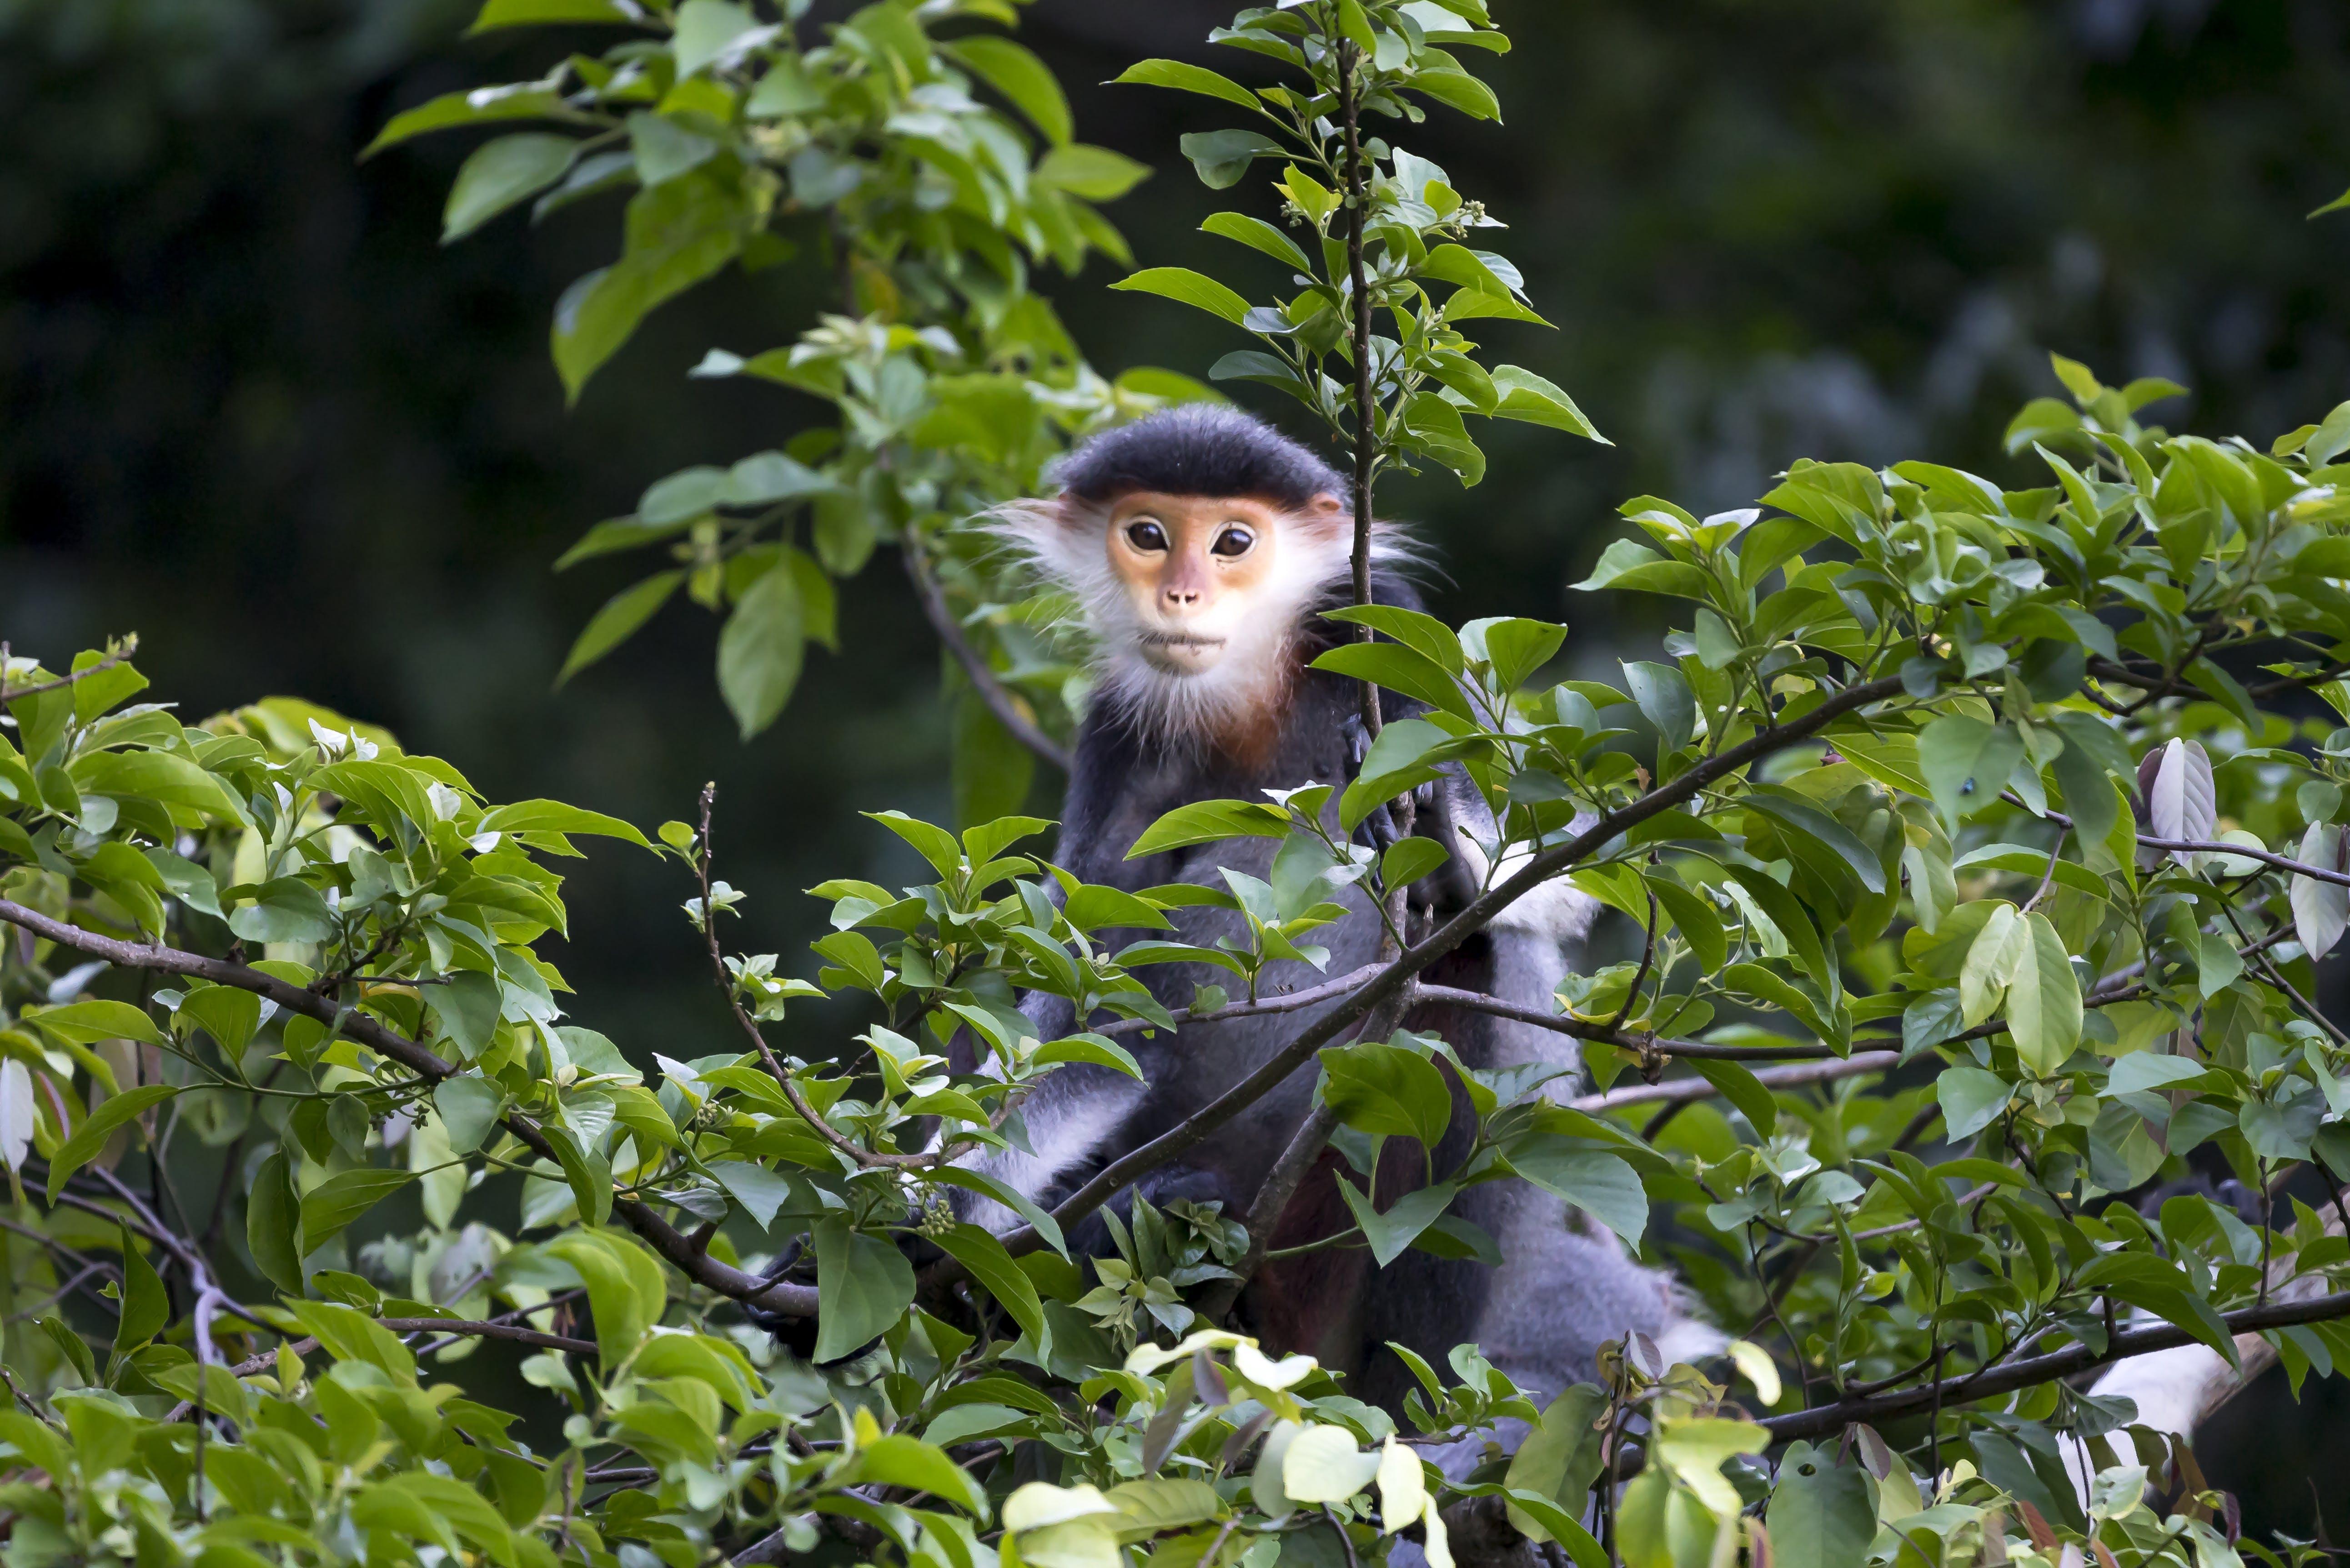 Základová fotografie zdarma na téma divočina, divoké zvíře, fotografie divoké přírody, fotografování zvířat